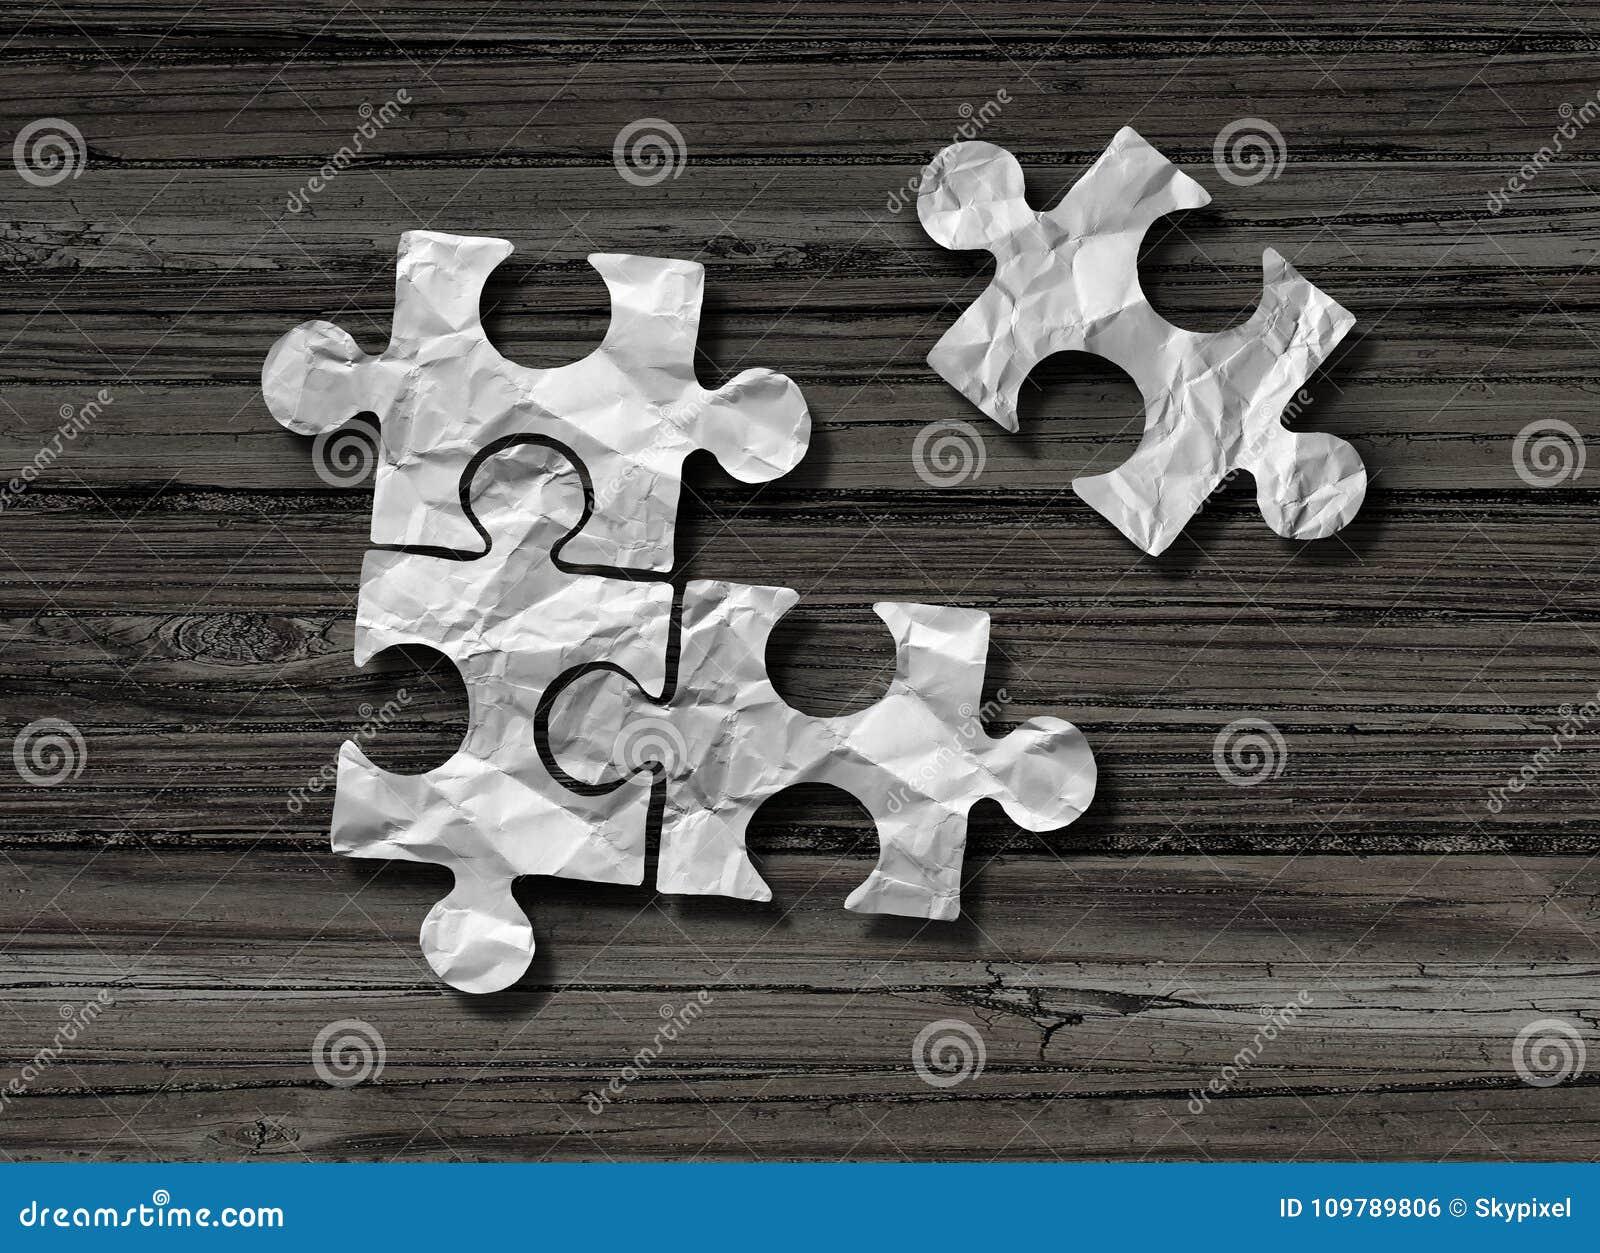 Puzzle Business Solution Concept